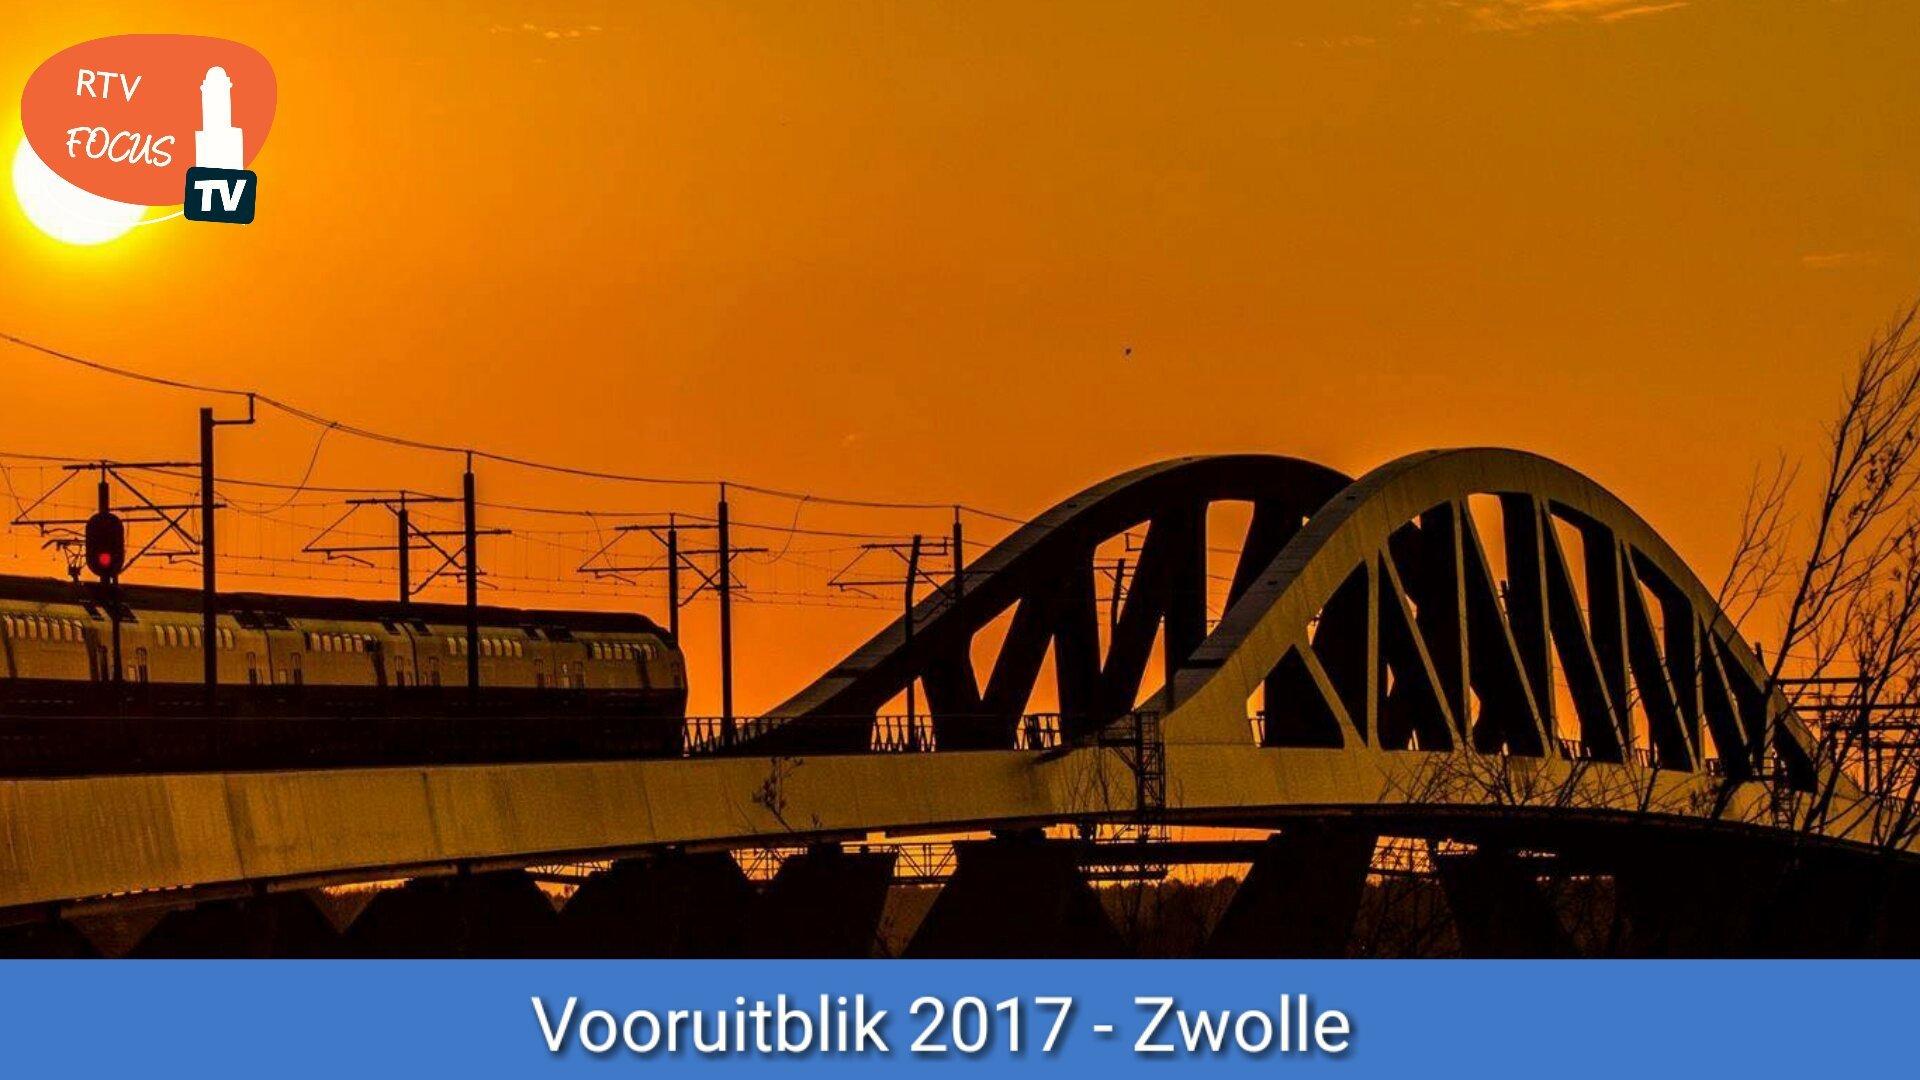 Photo of Wat gaat het jaar 2017 ons brengen? – Vooruitblik 2017 Zwolle